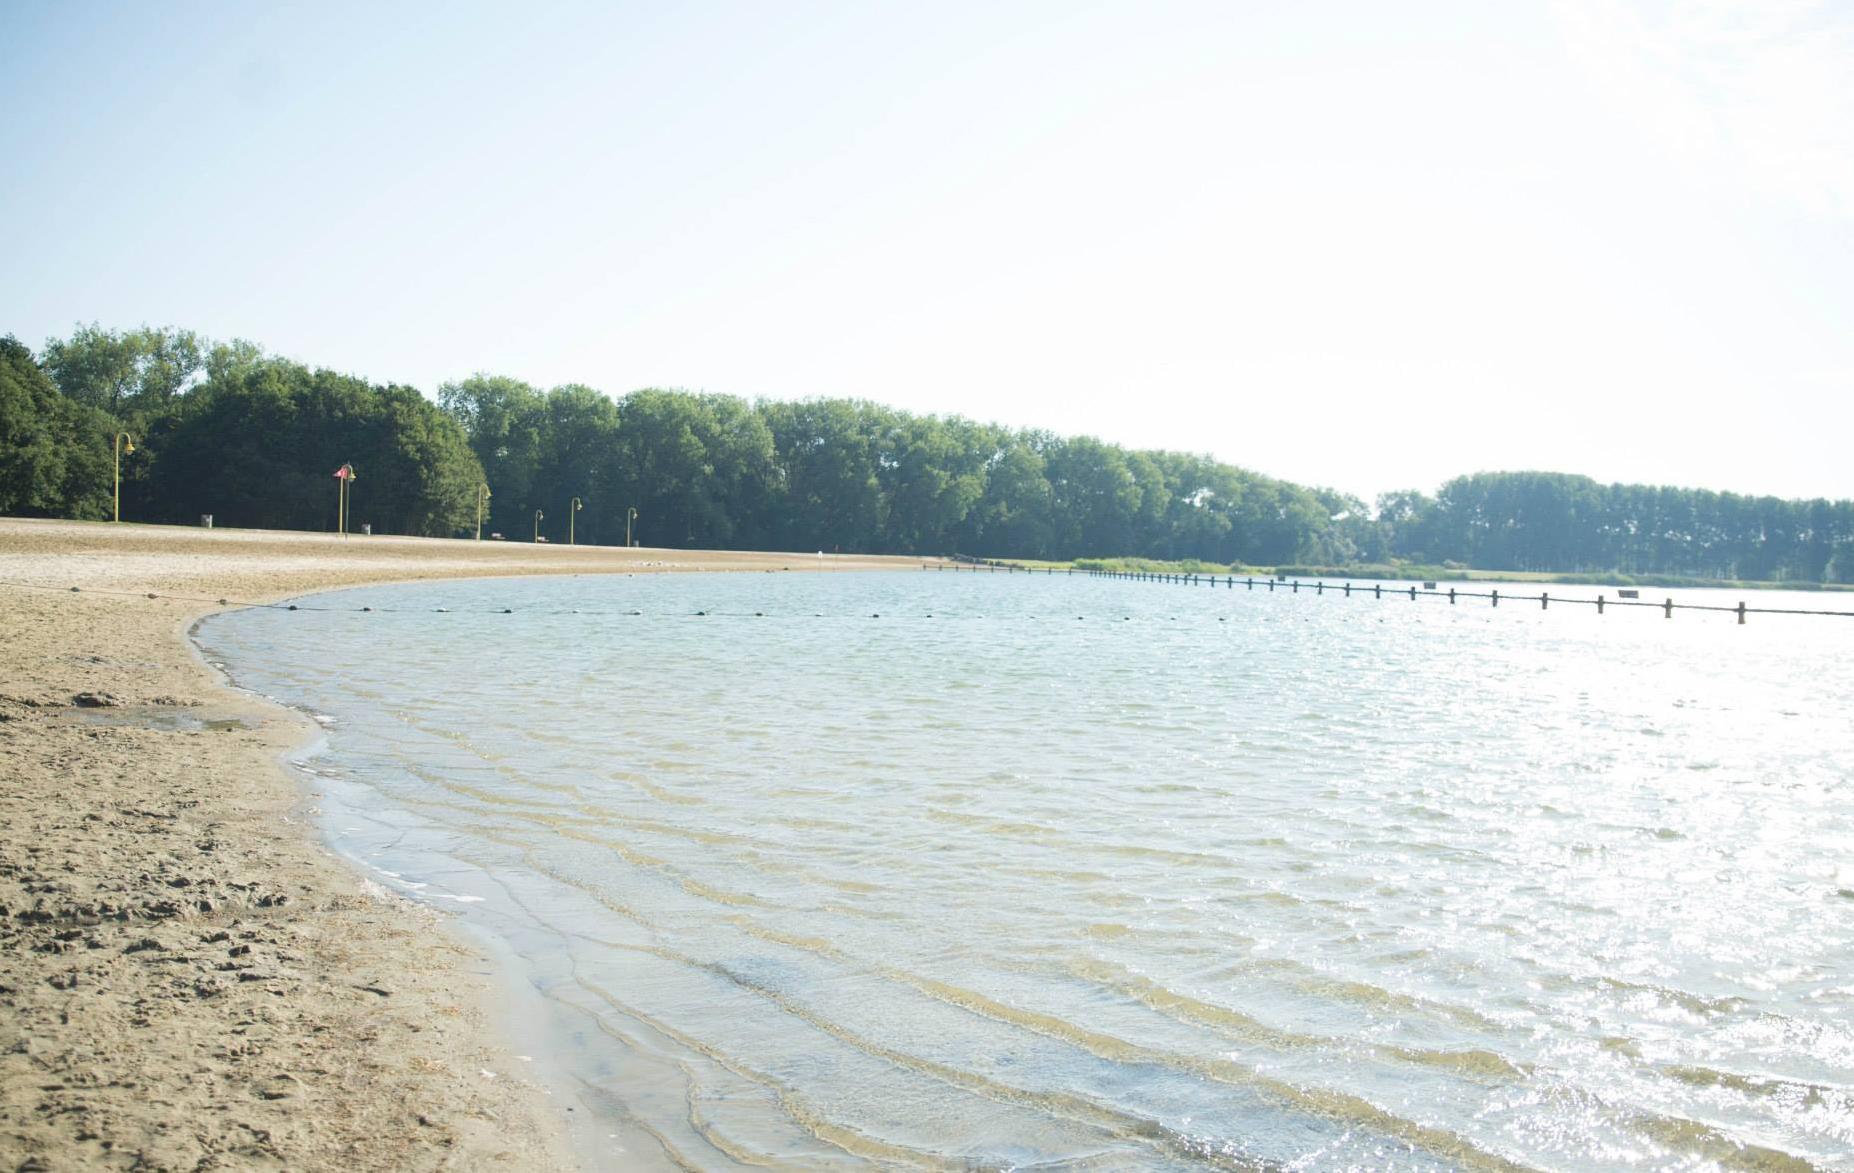 Nieuwdonk, Berlare, zomer, openlucht, zwemmen